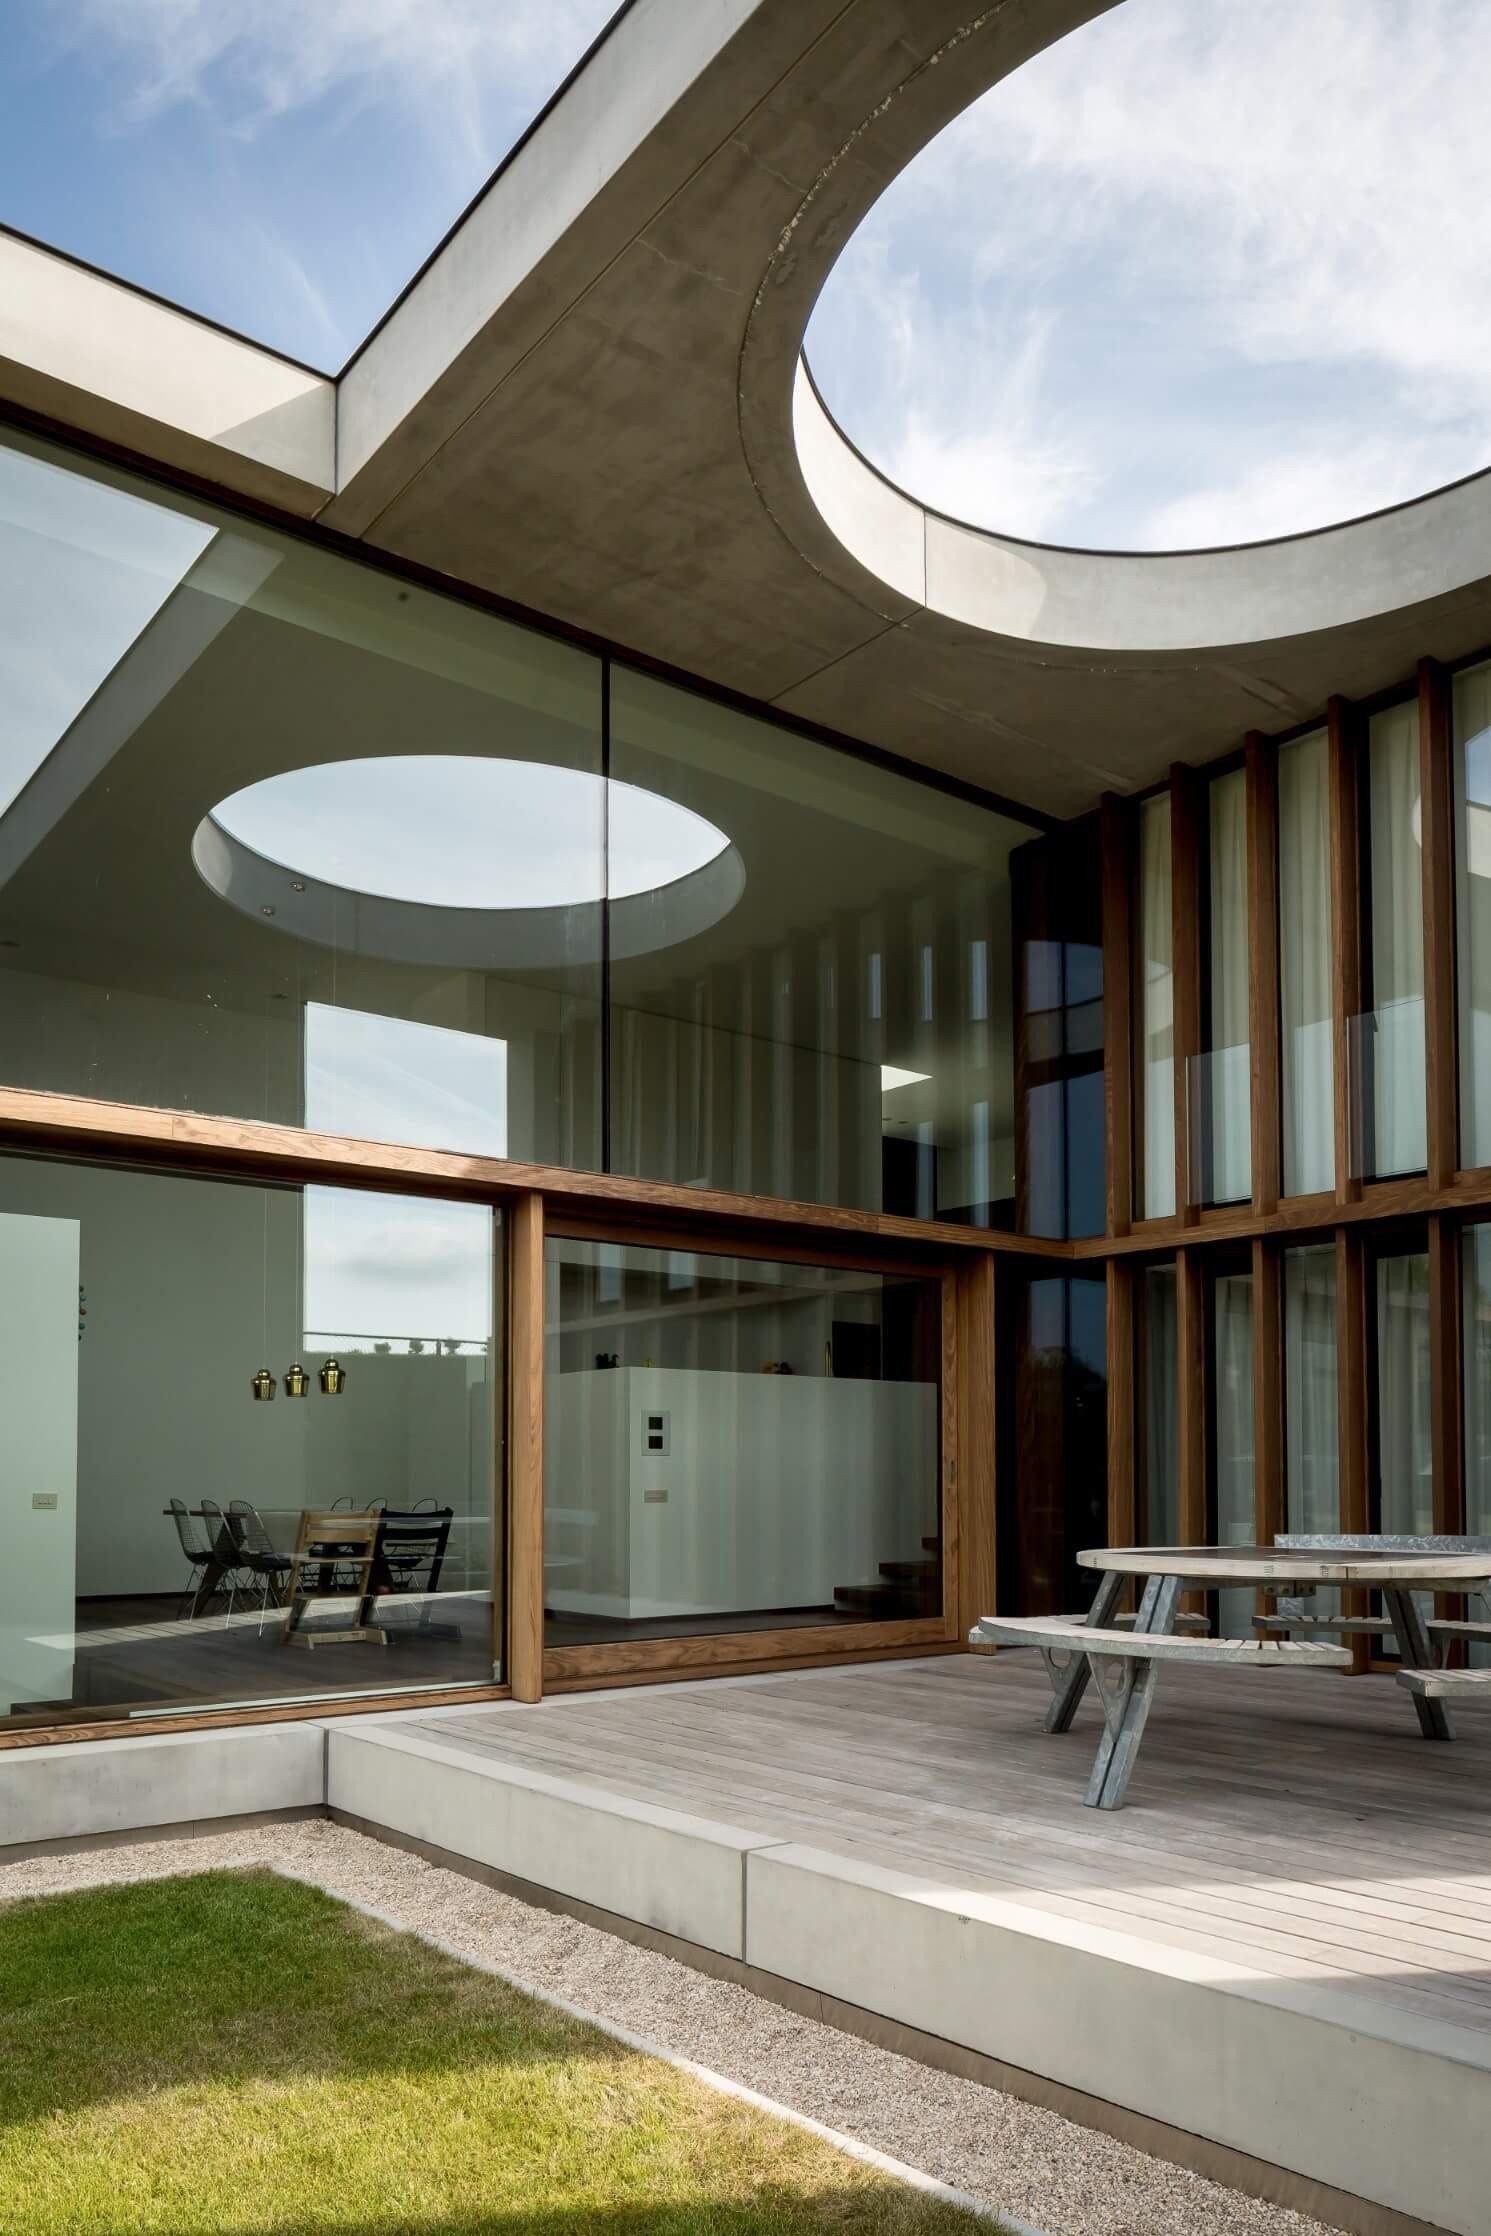 Rietveldprojects.be-HouseMC-villa-design-architectuur-kust31.jpg